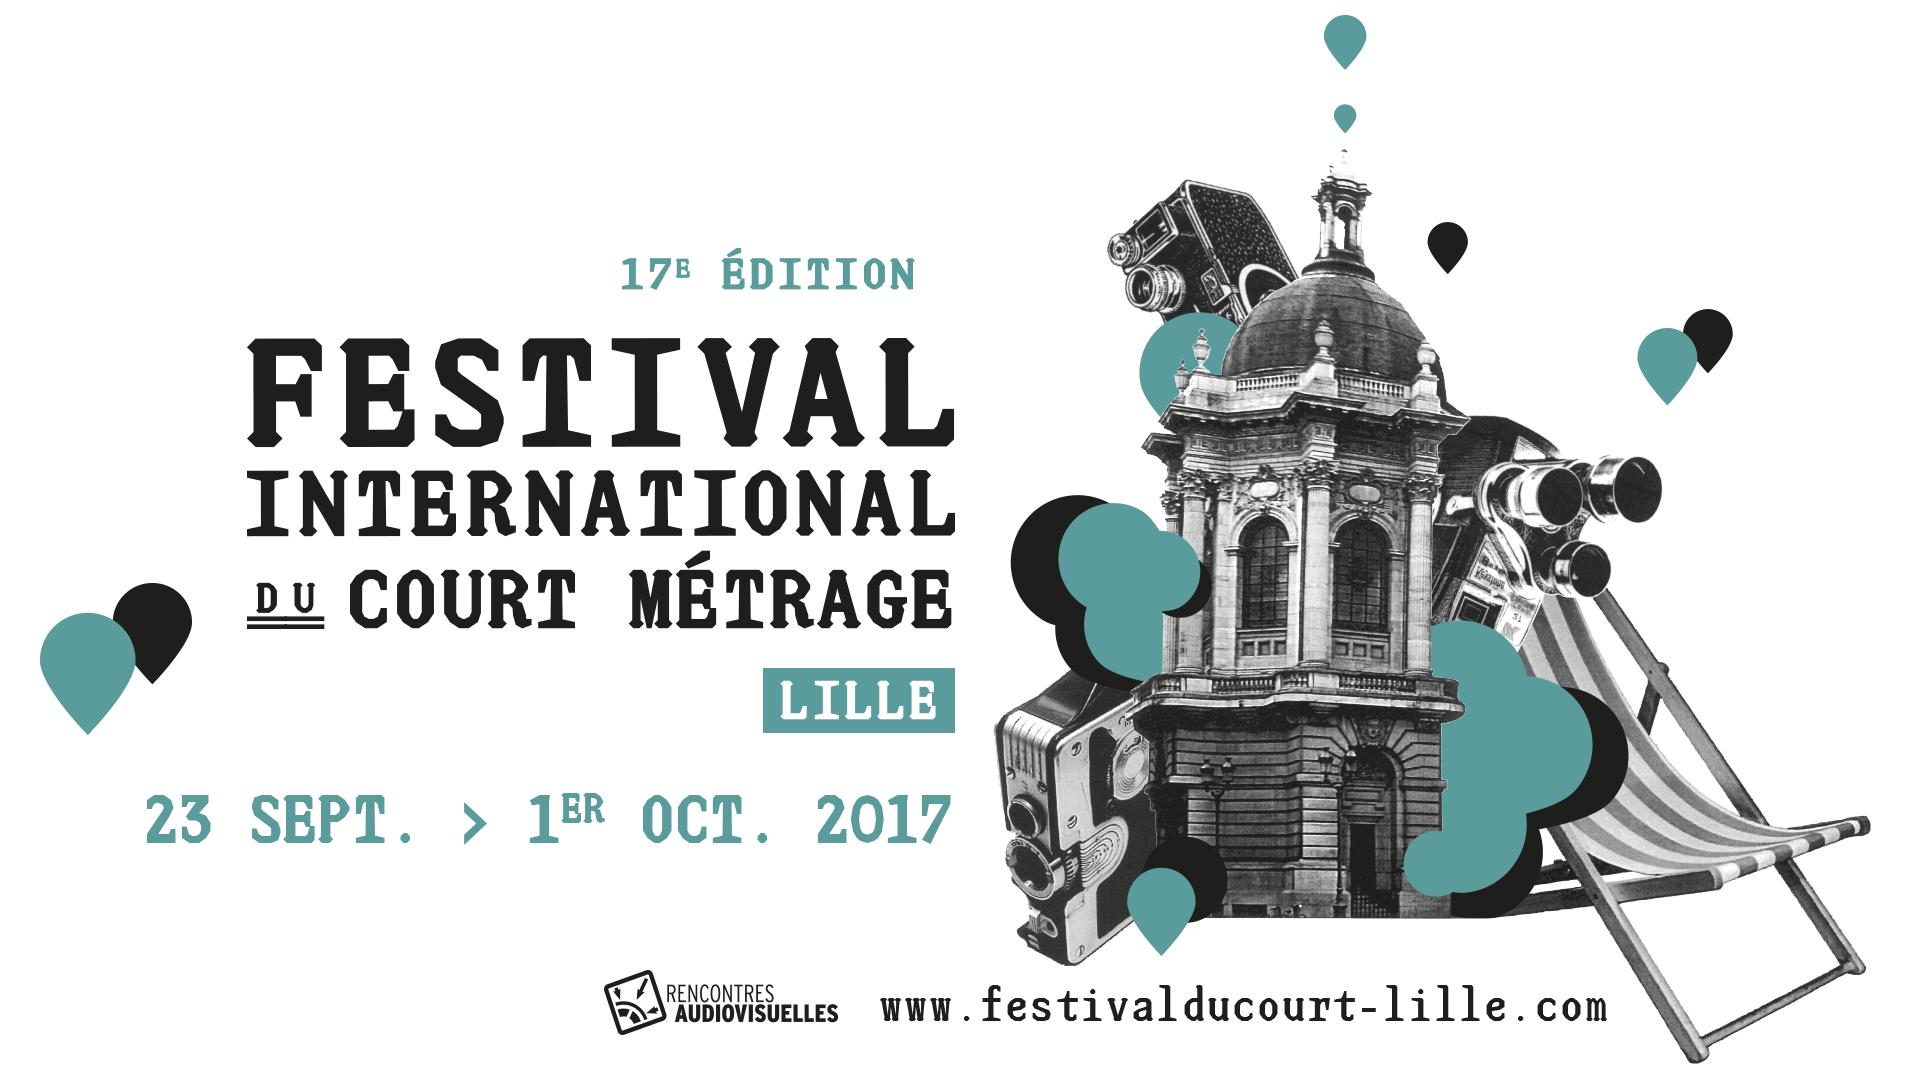 Palmarès du 17e festival international du court métrage